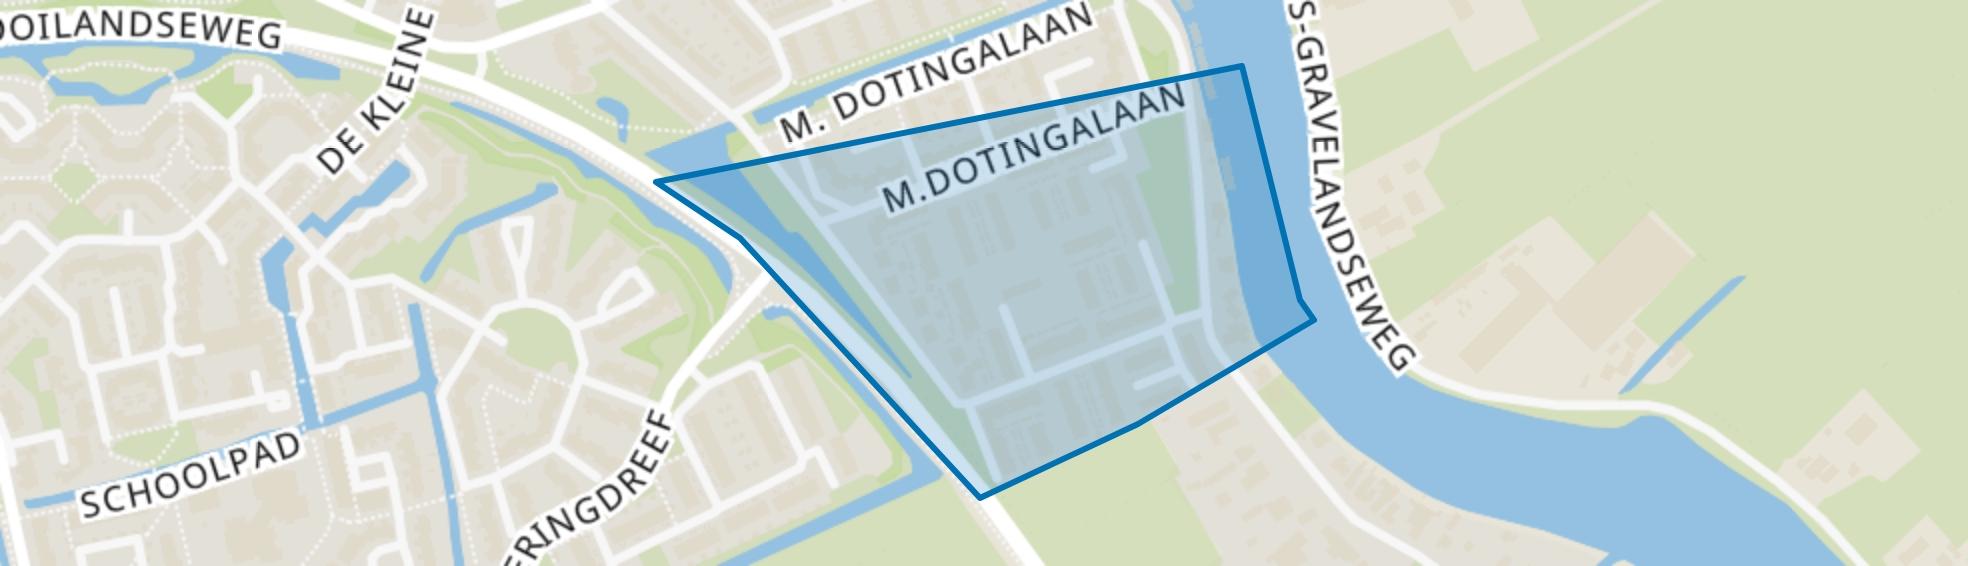 De Klomp, Weesp map